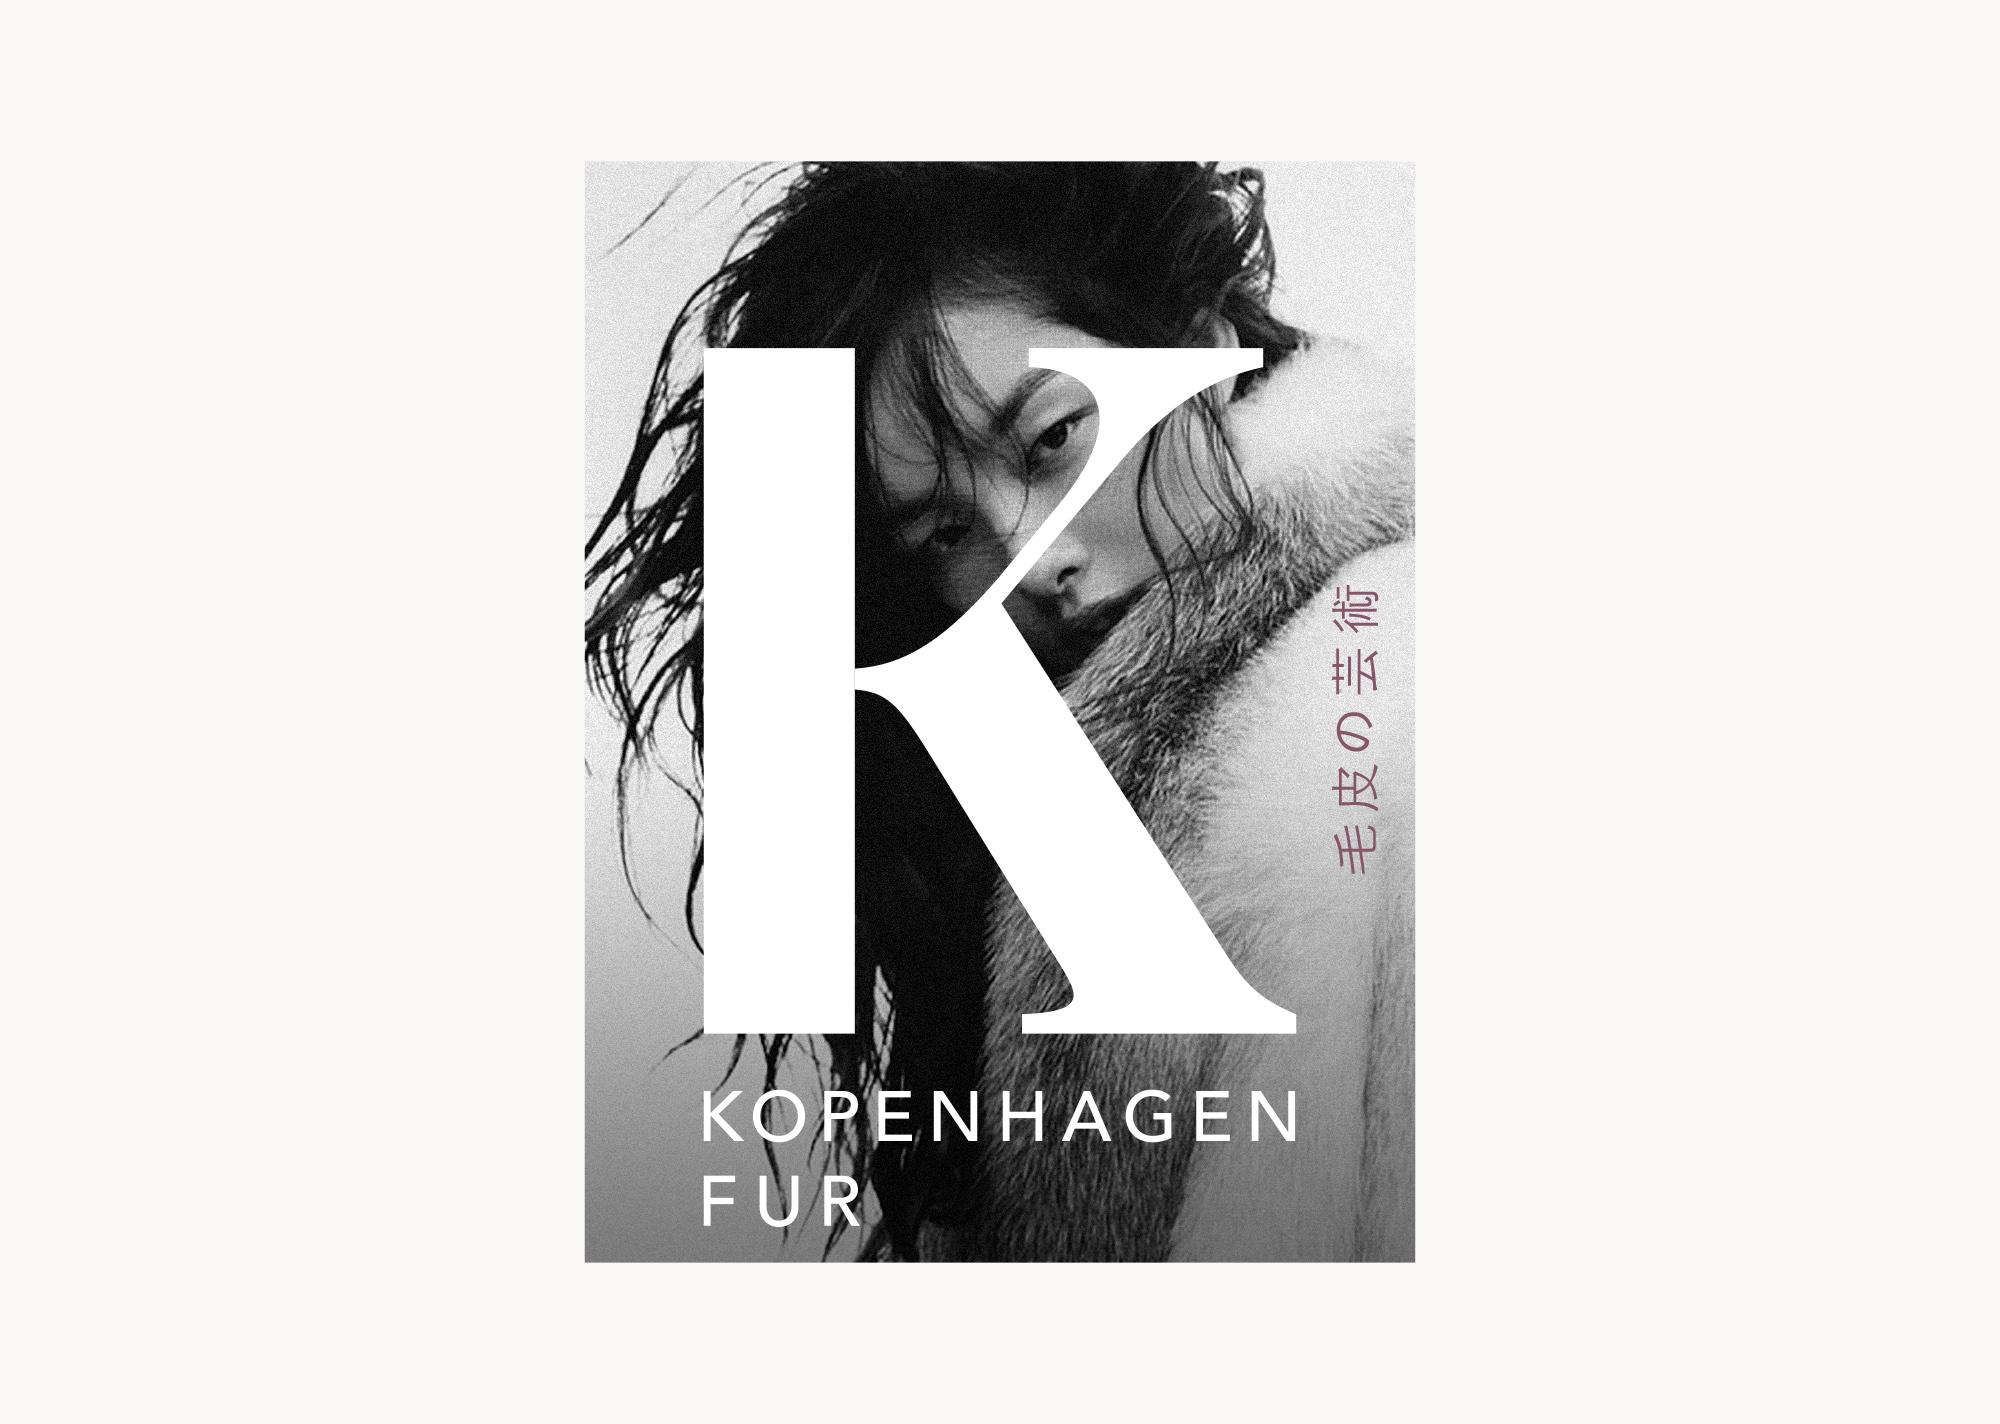 KopenhagenFur_0000_07